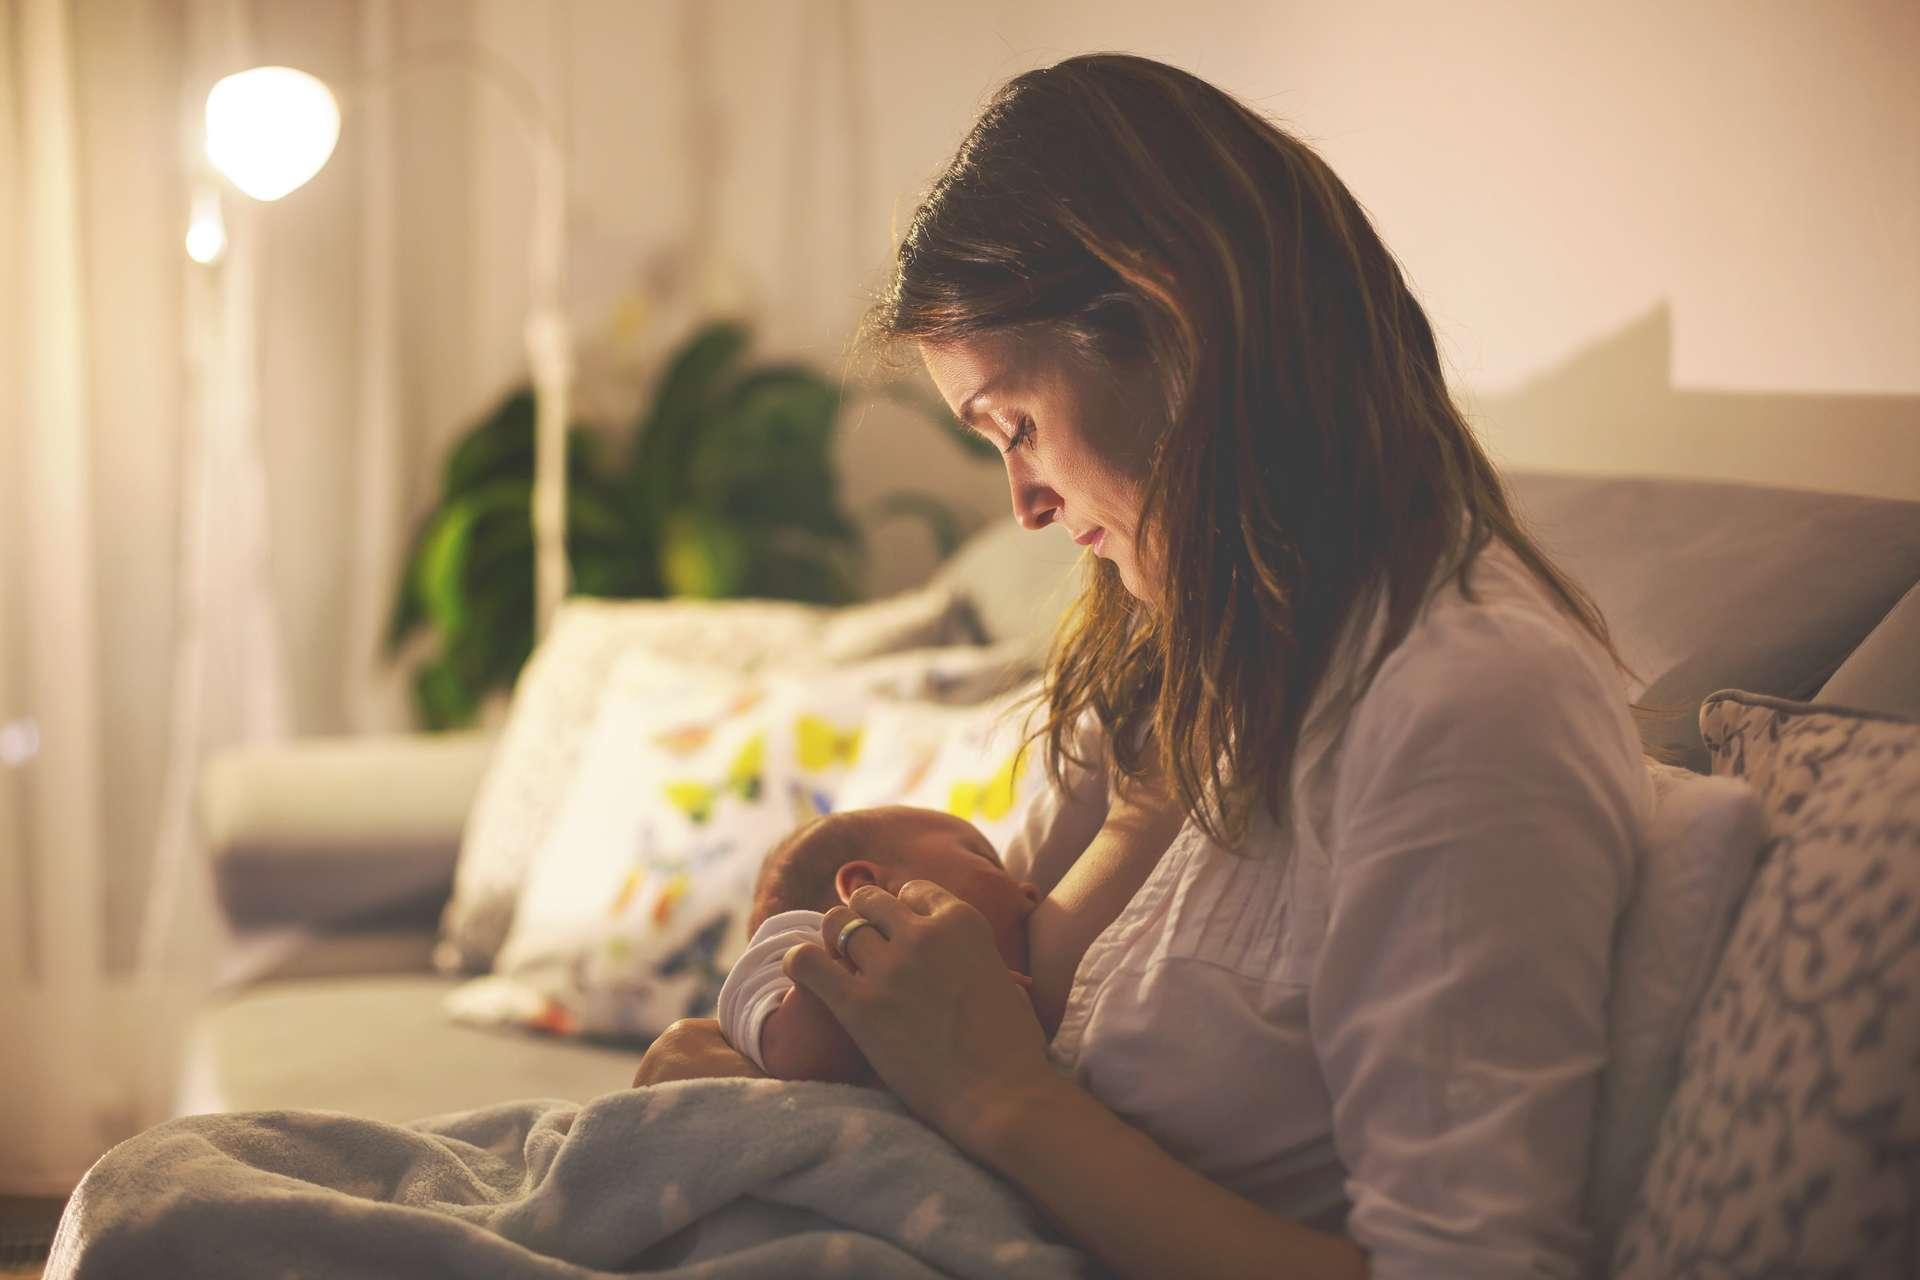 Les seins des femmes contiennent des glandes mammaires. Après l'accouchement, celles-ci produisent successivement trois types de lait : le colostrum (les premiers jours), le lait transitionnel (pendant quelques semaines), puis le lait mature. © Tomsickova, Adobe Stock